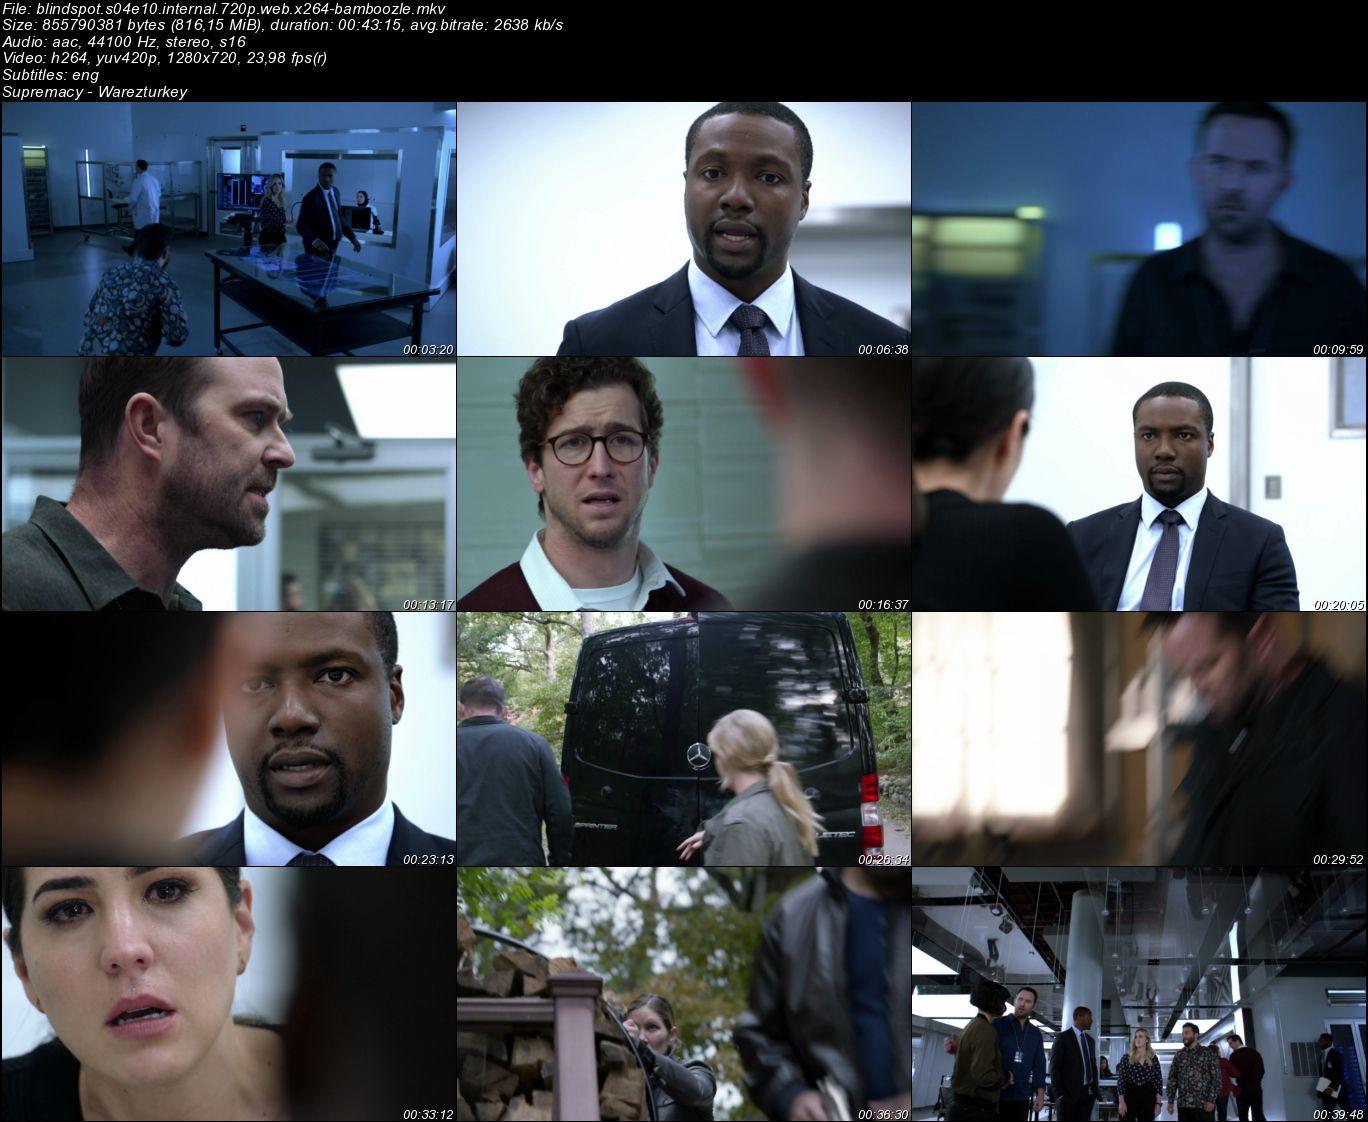 Blindspot - Sezon 4 - 720p HDTV - Türkçe Altyazılı